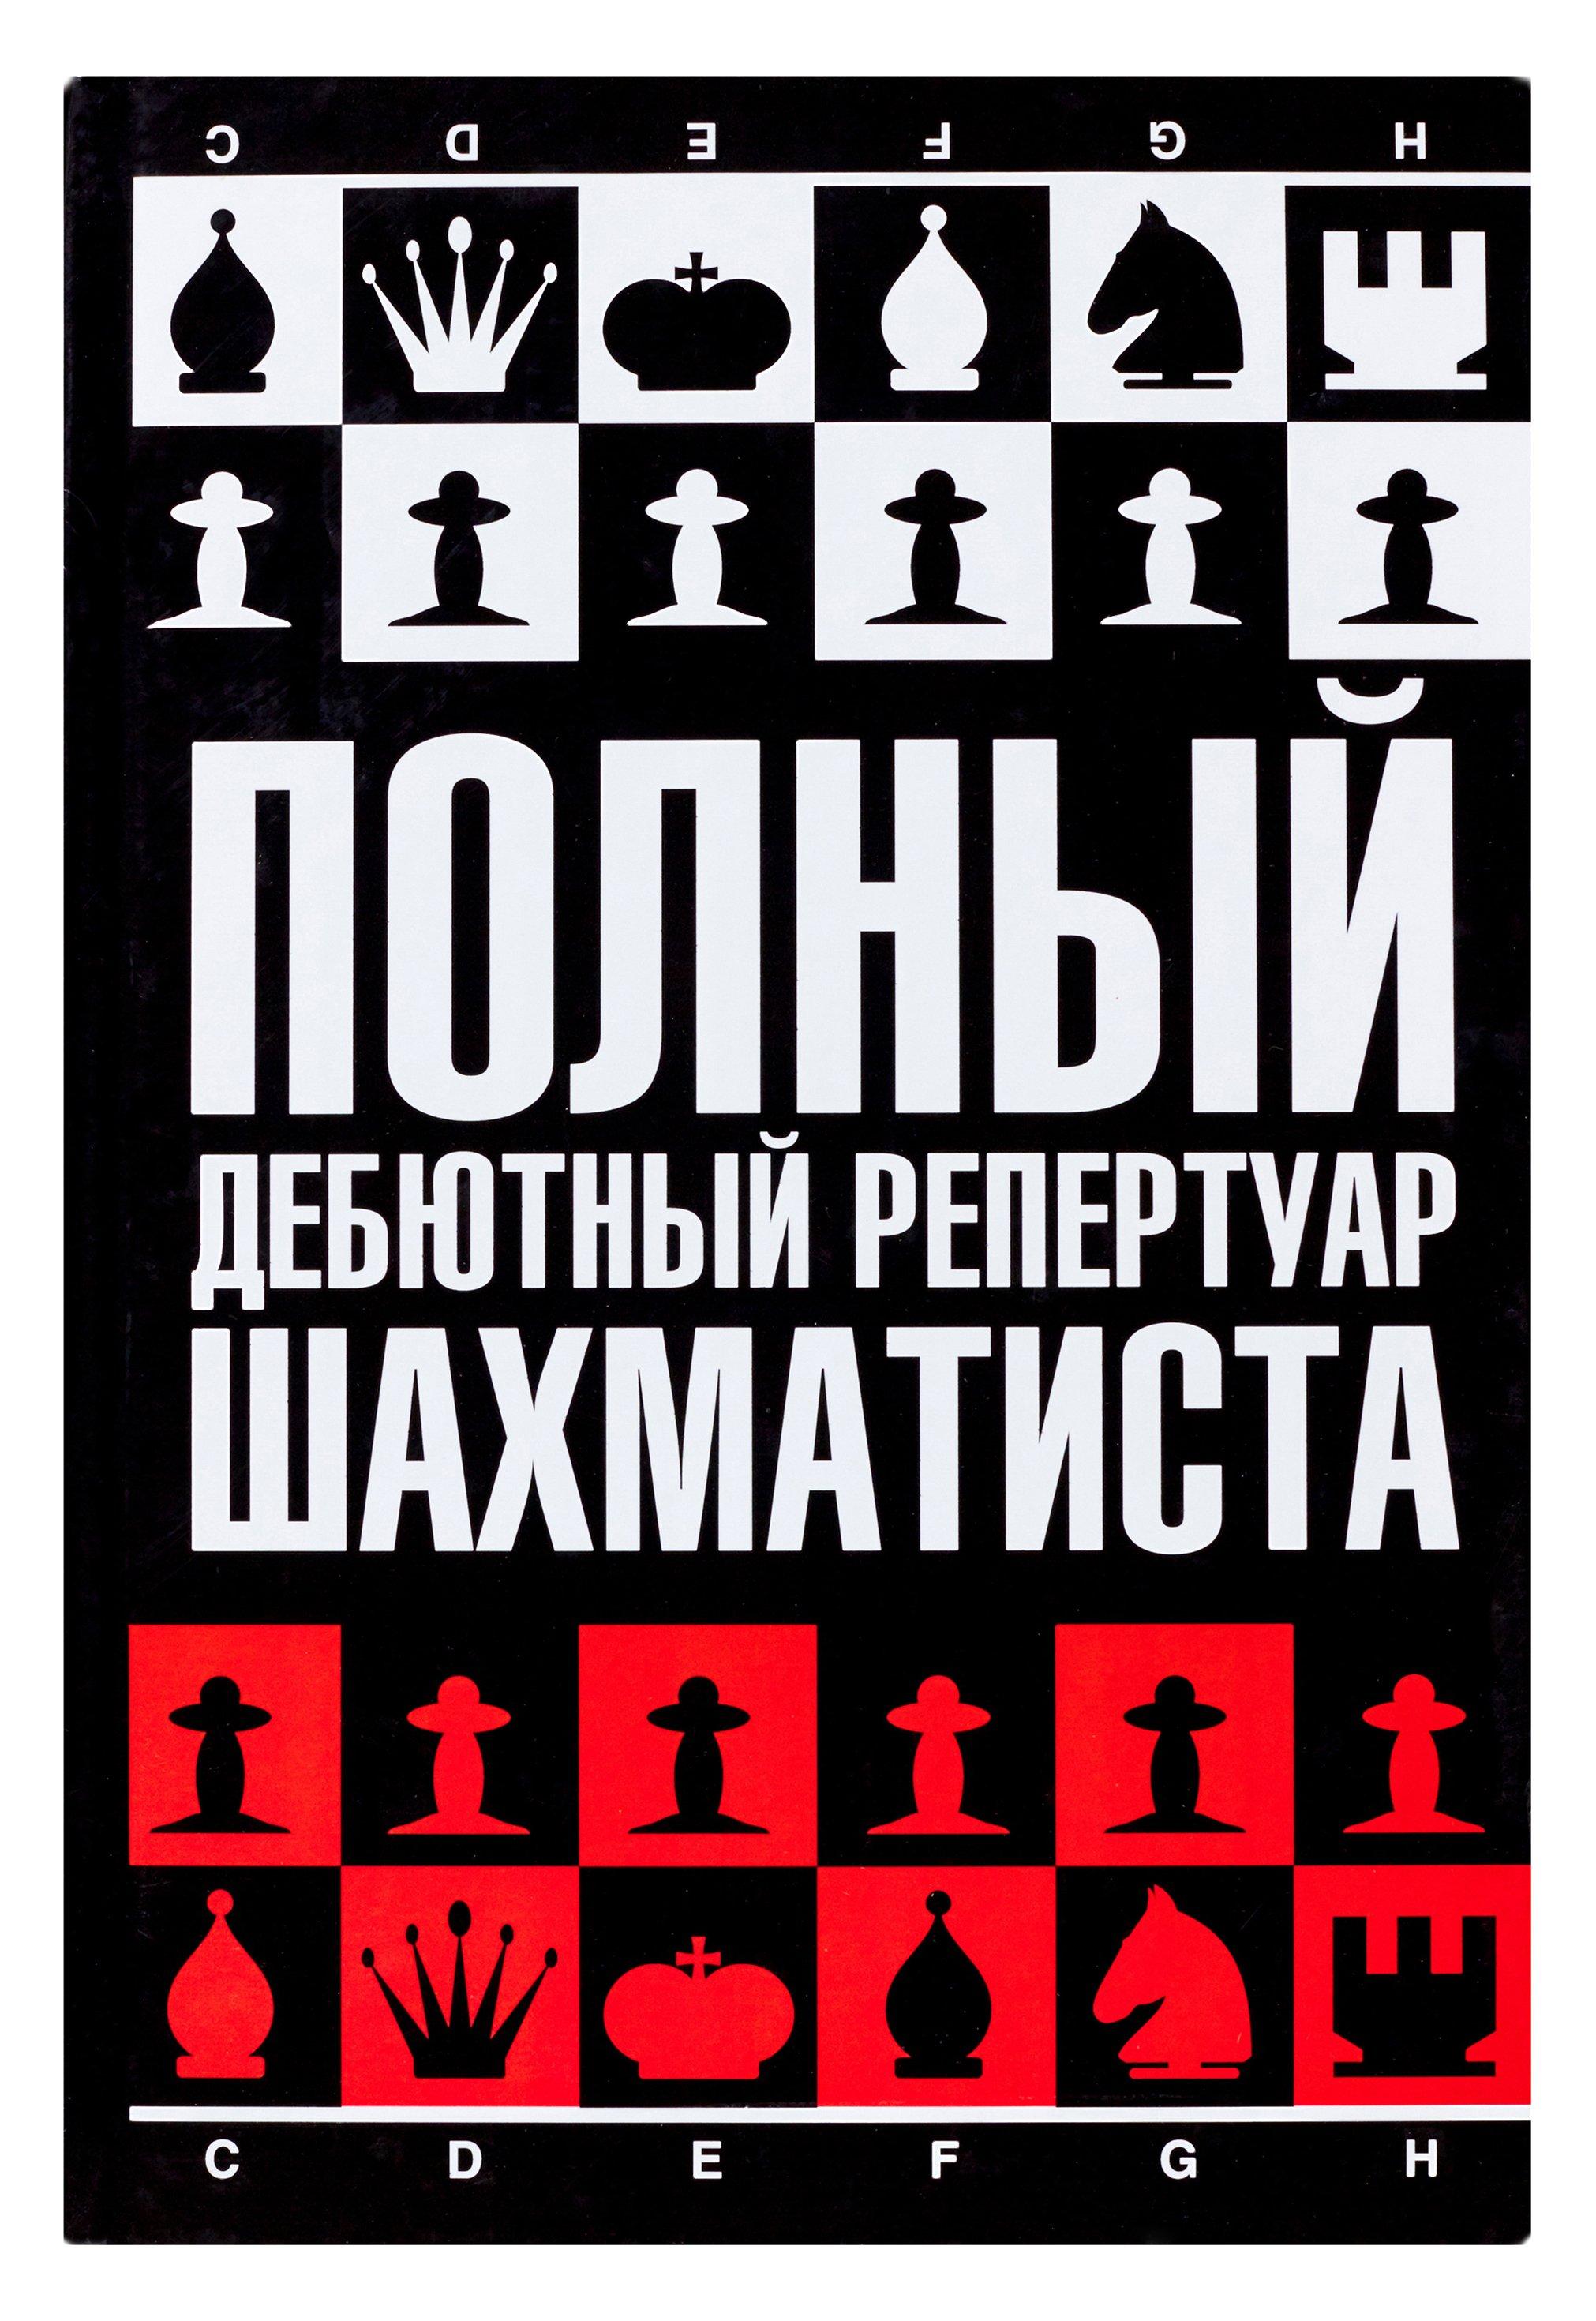 Калиниченко Николай Михайлович Полный дебютный репертуар шахматиста